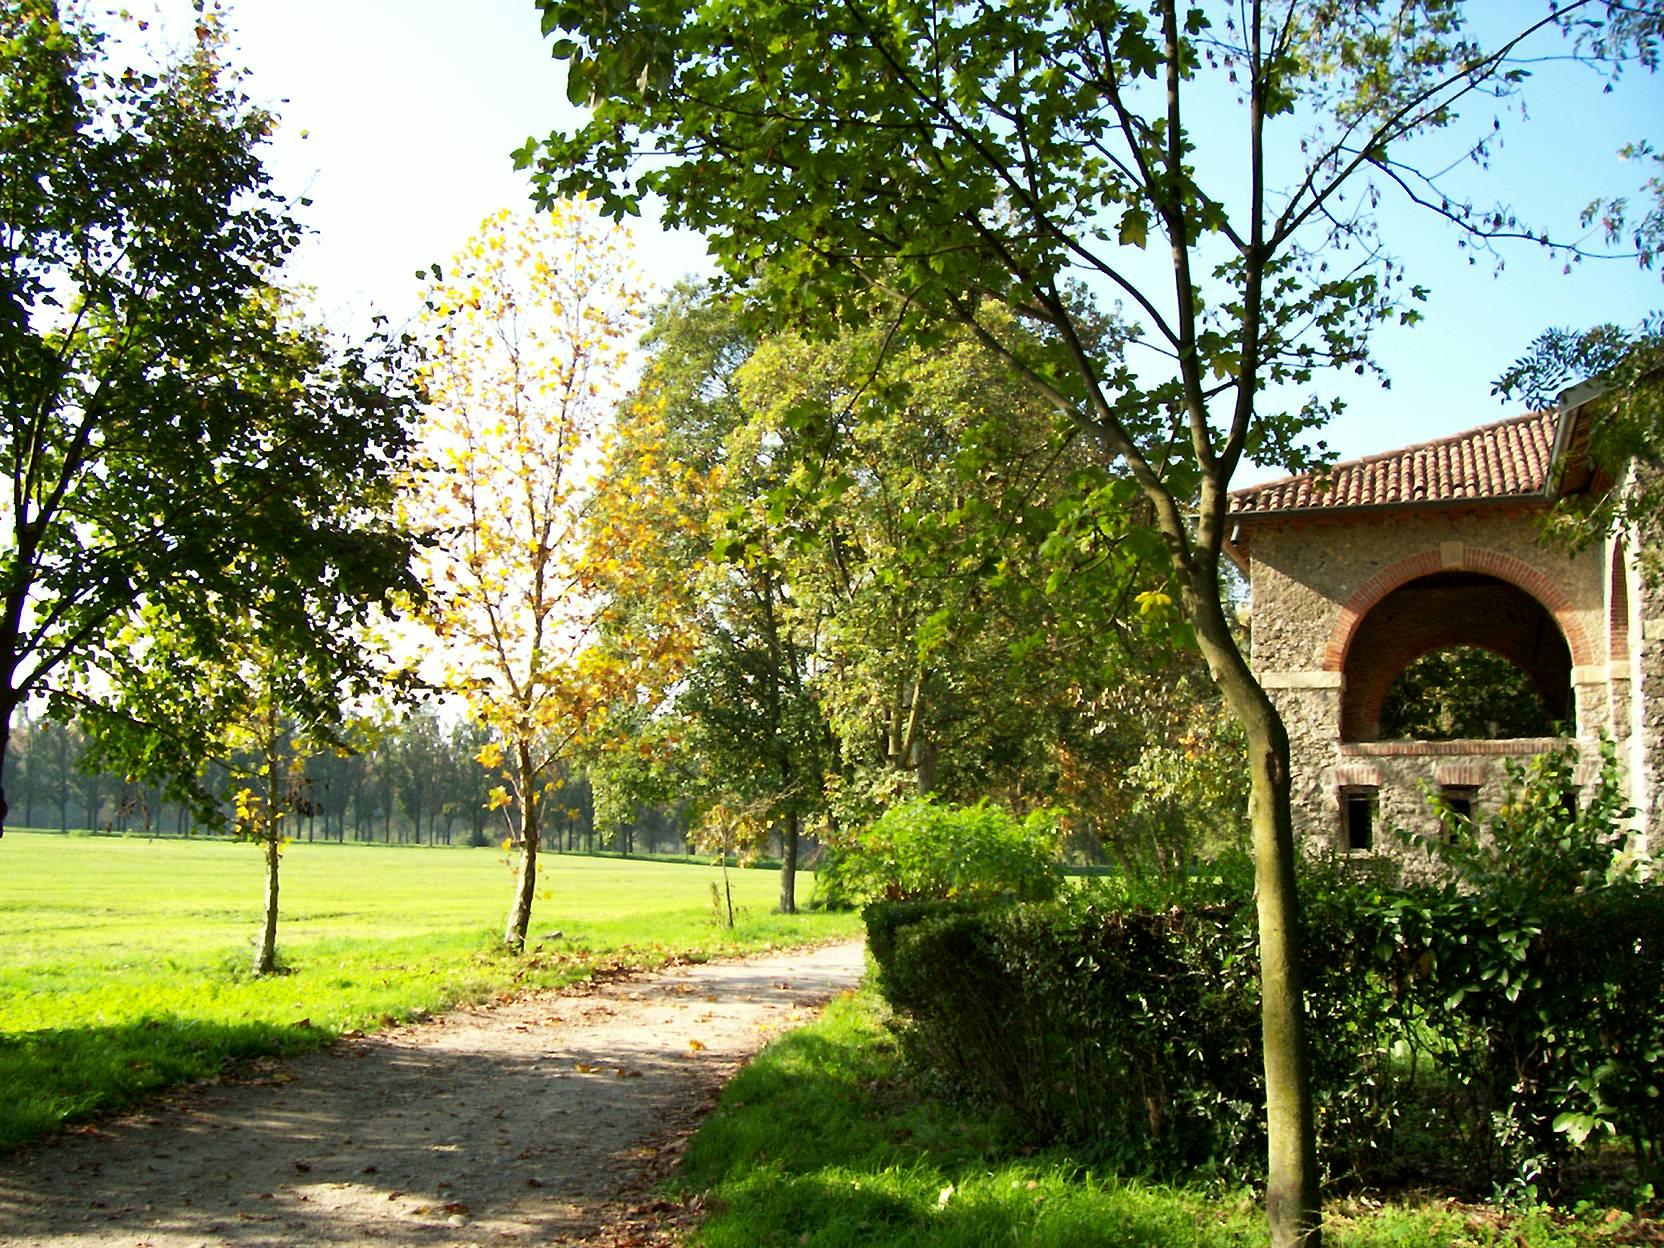 Passeggiata accessibile a Monza tra natura e arte